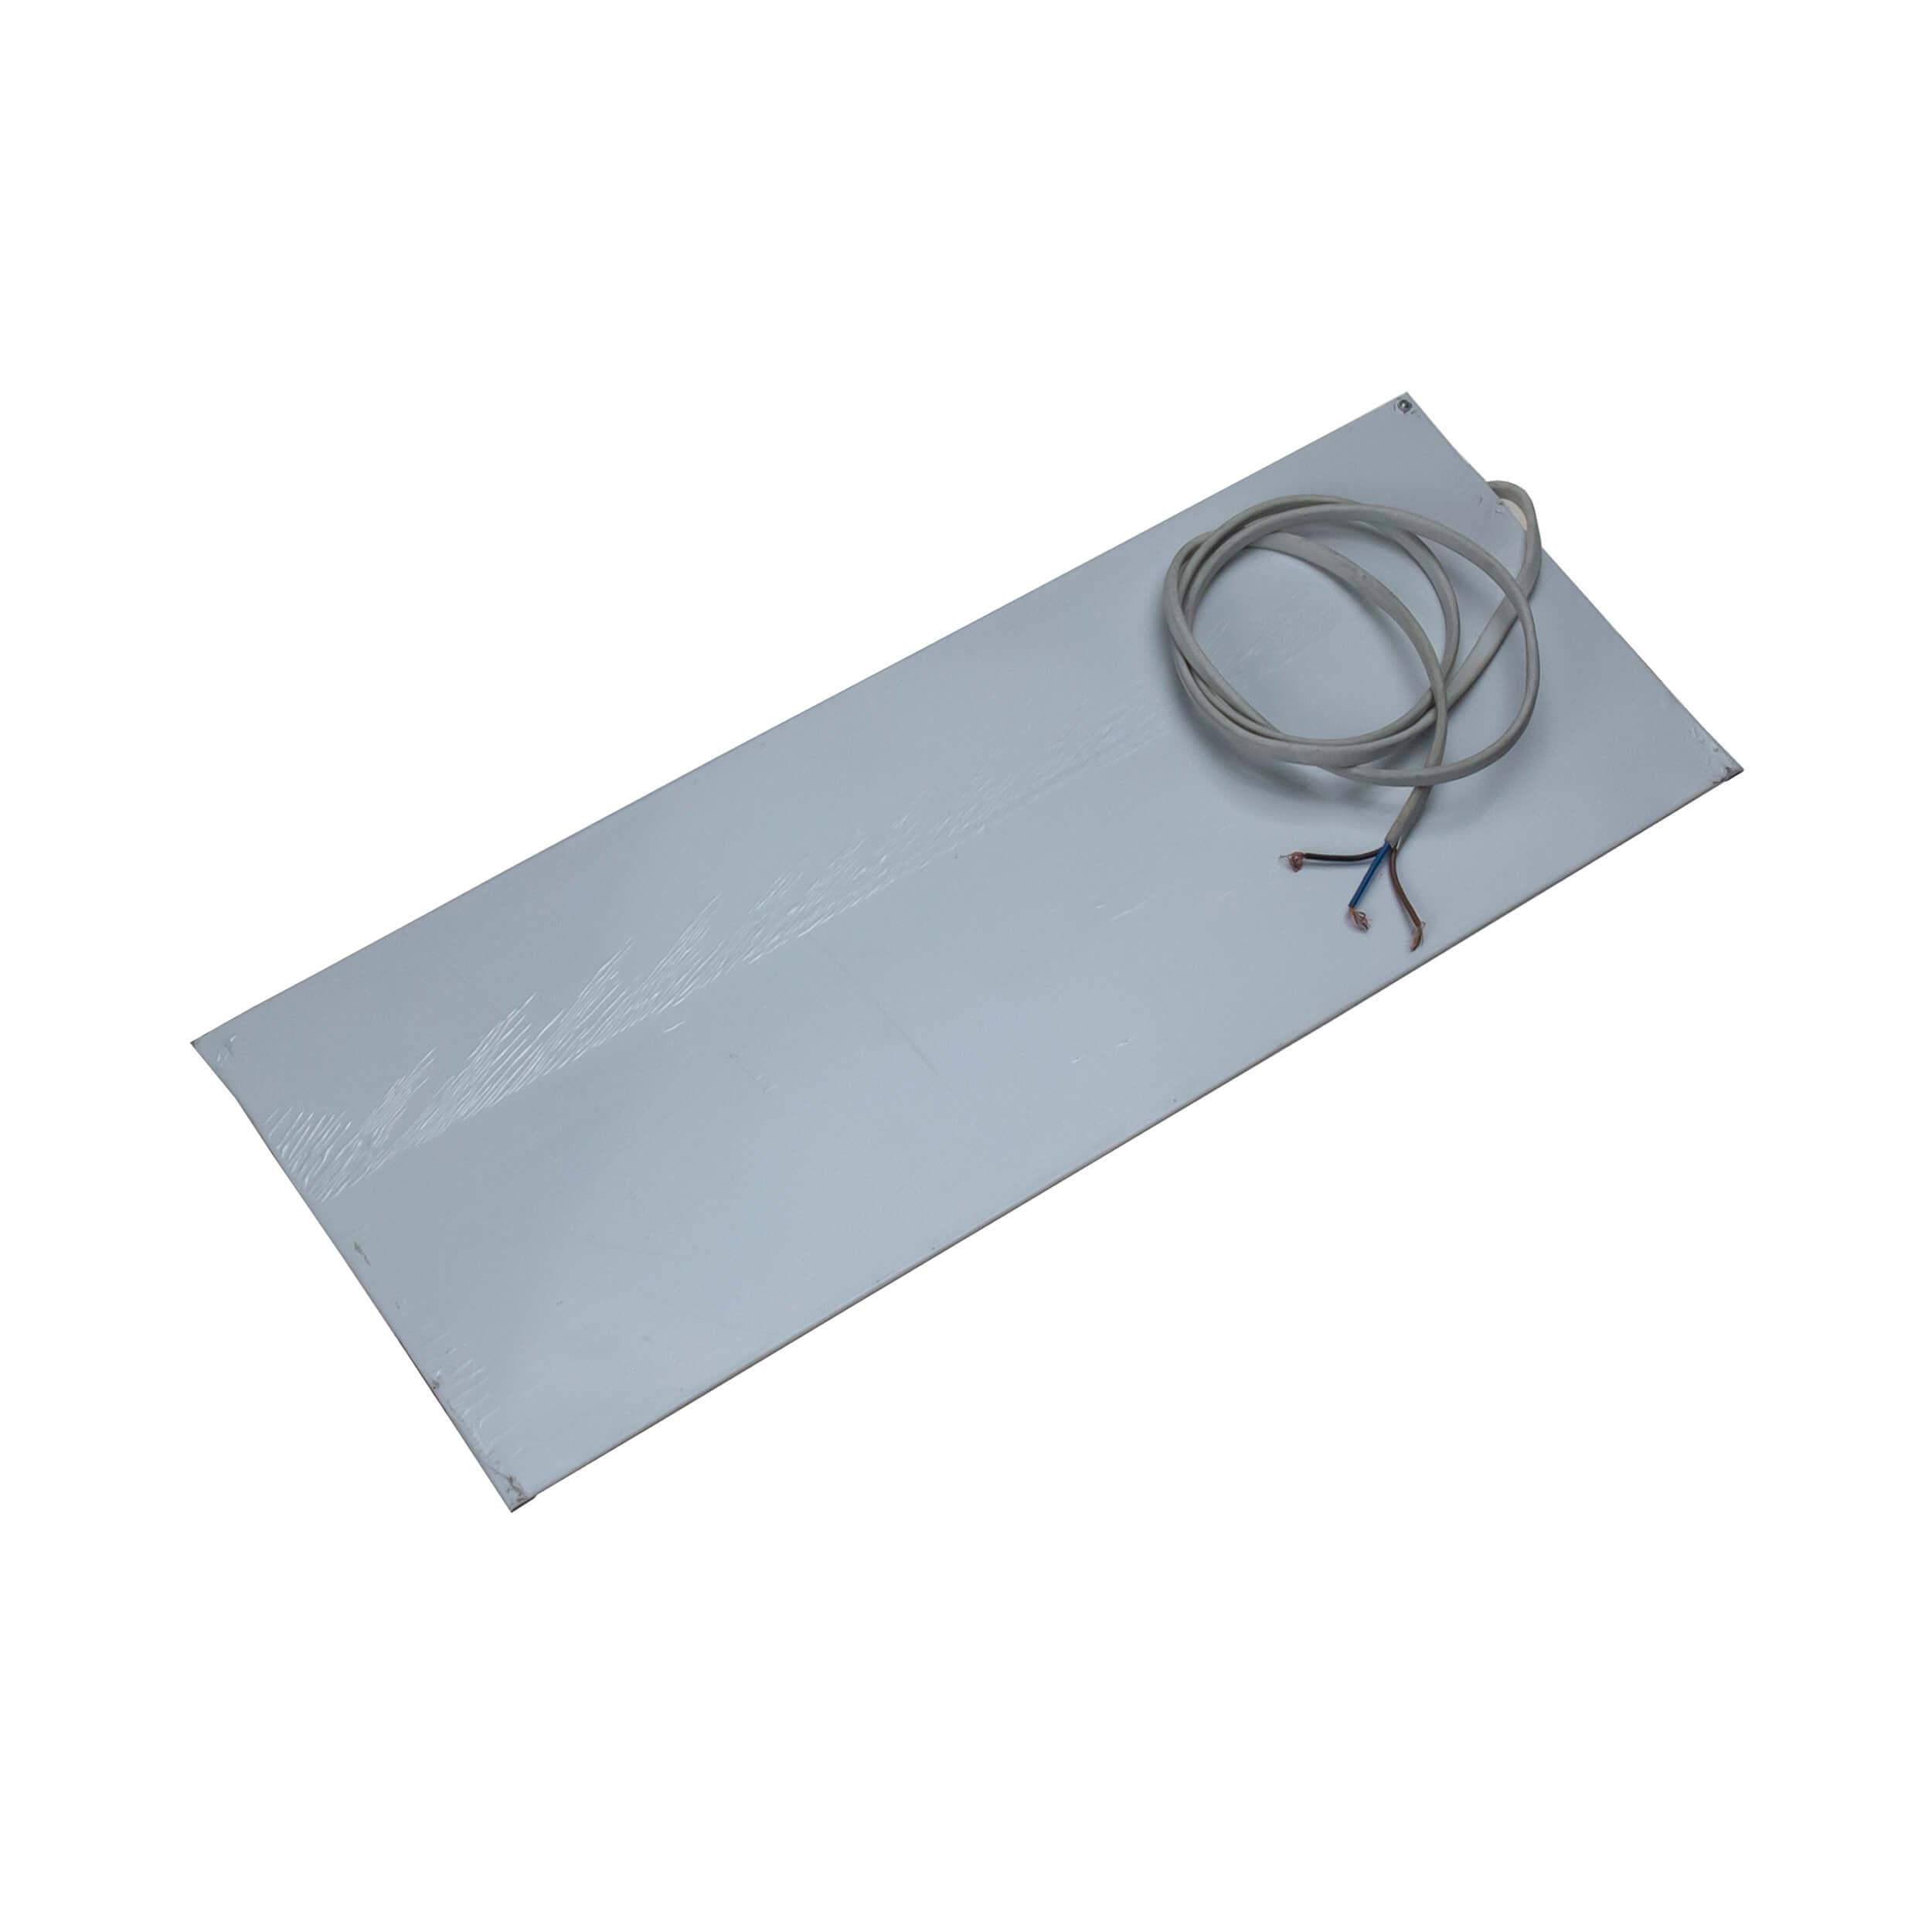 Электронагреватель поверхностный для обогрева ульев (тип НППТК, 450х170, 220В, 15 Вт) фото